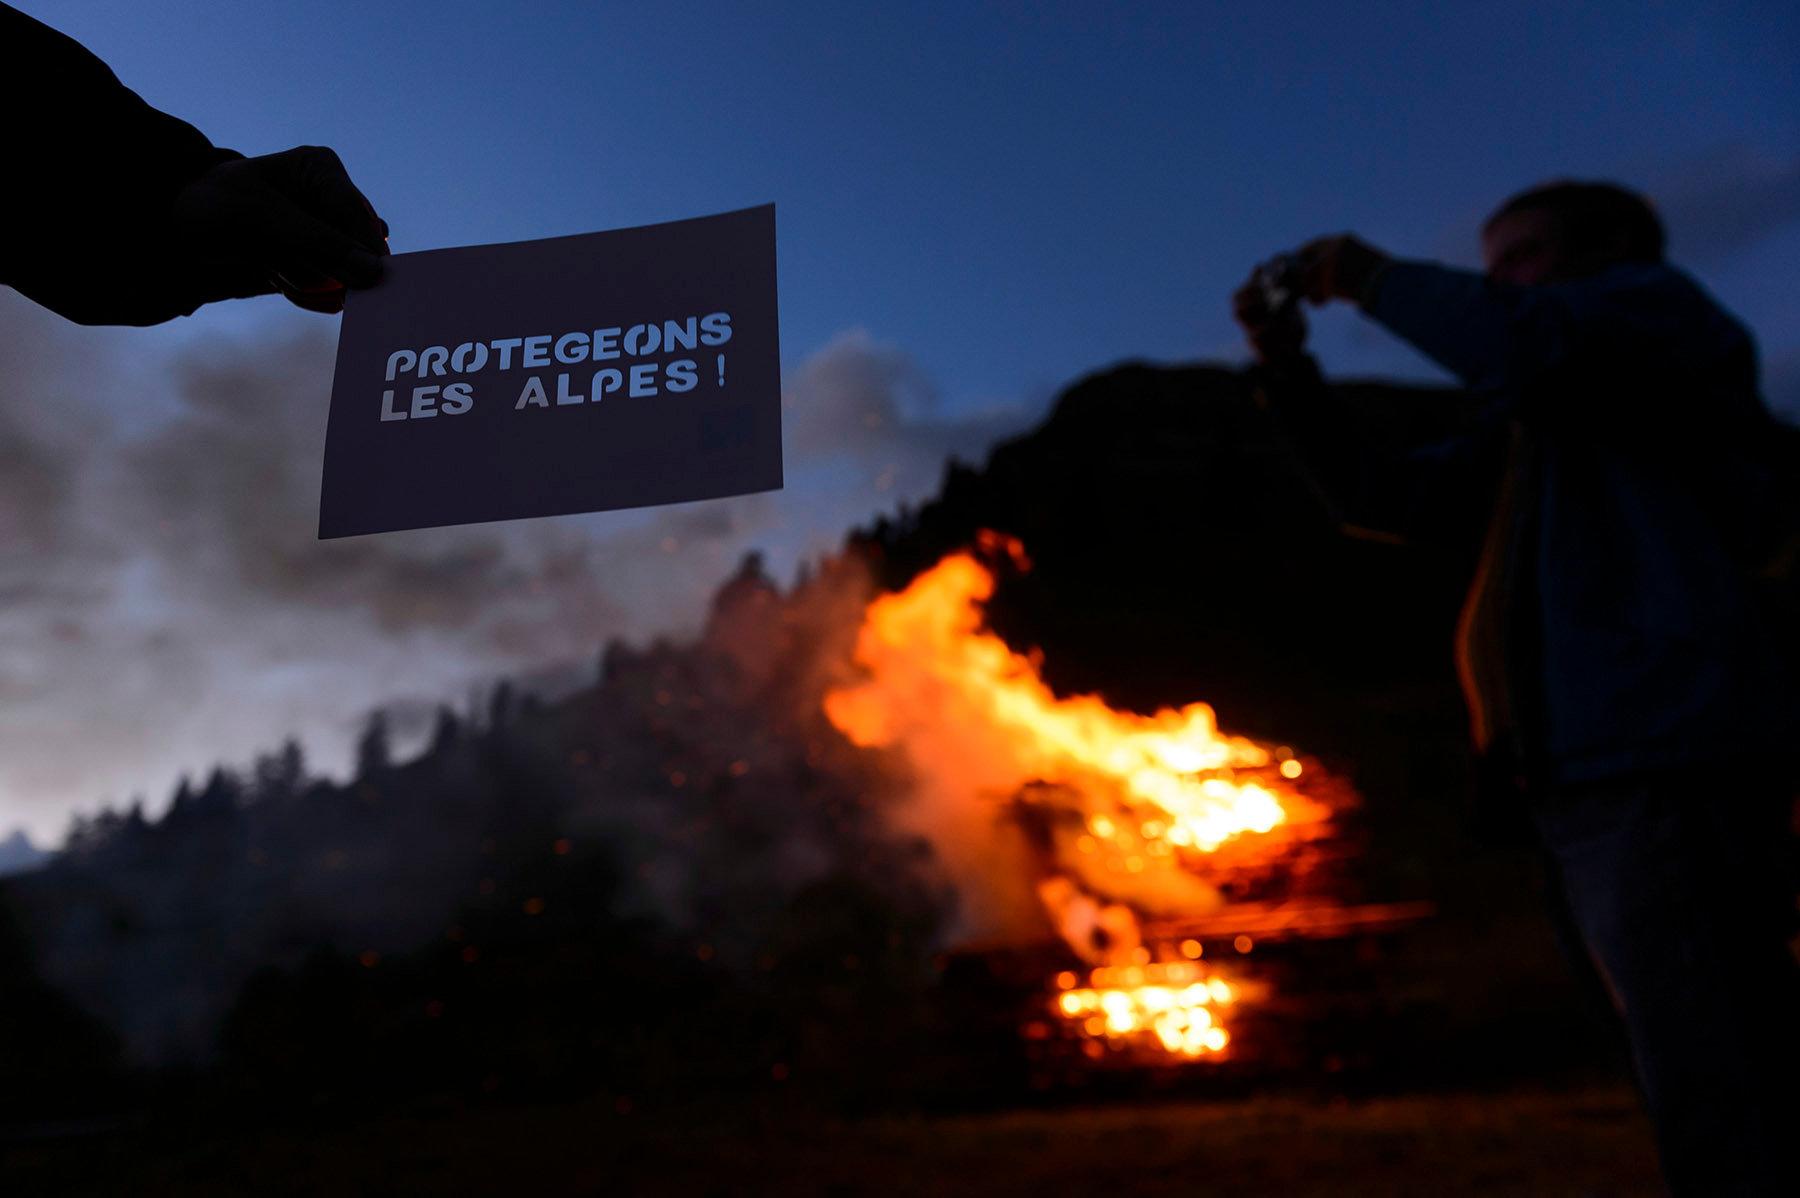 Initiative des Alpes - Col de Jaman - 2013